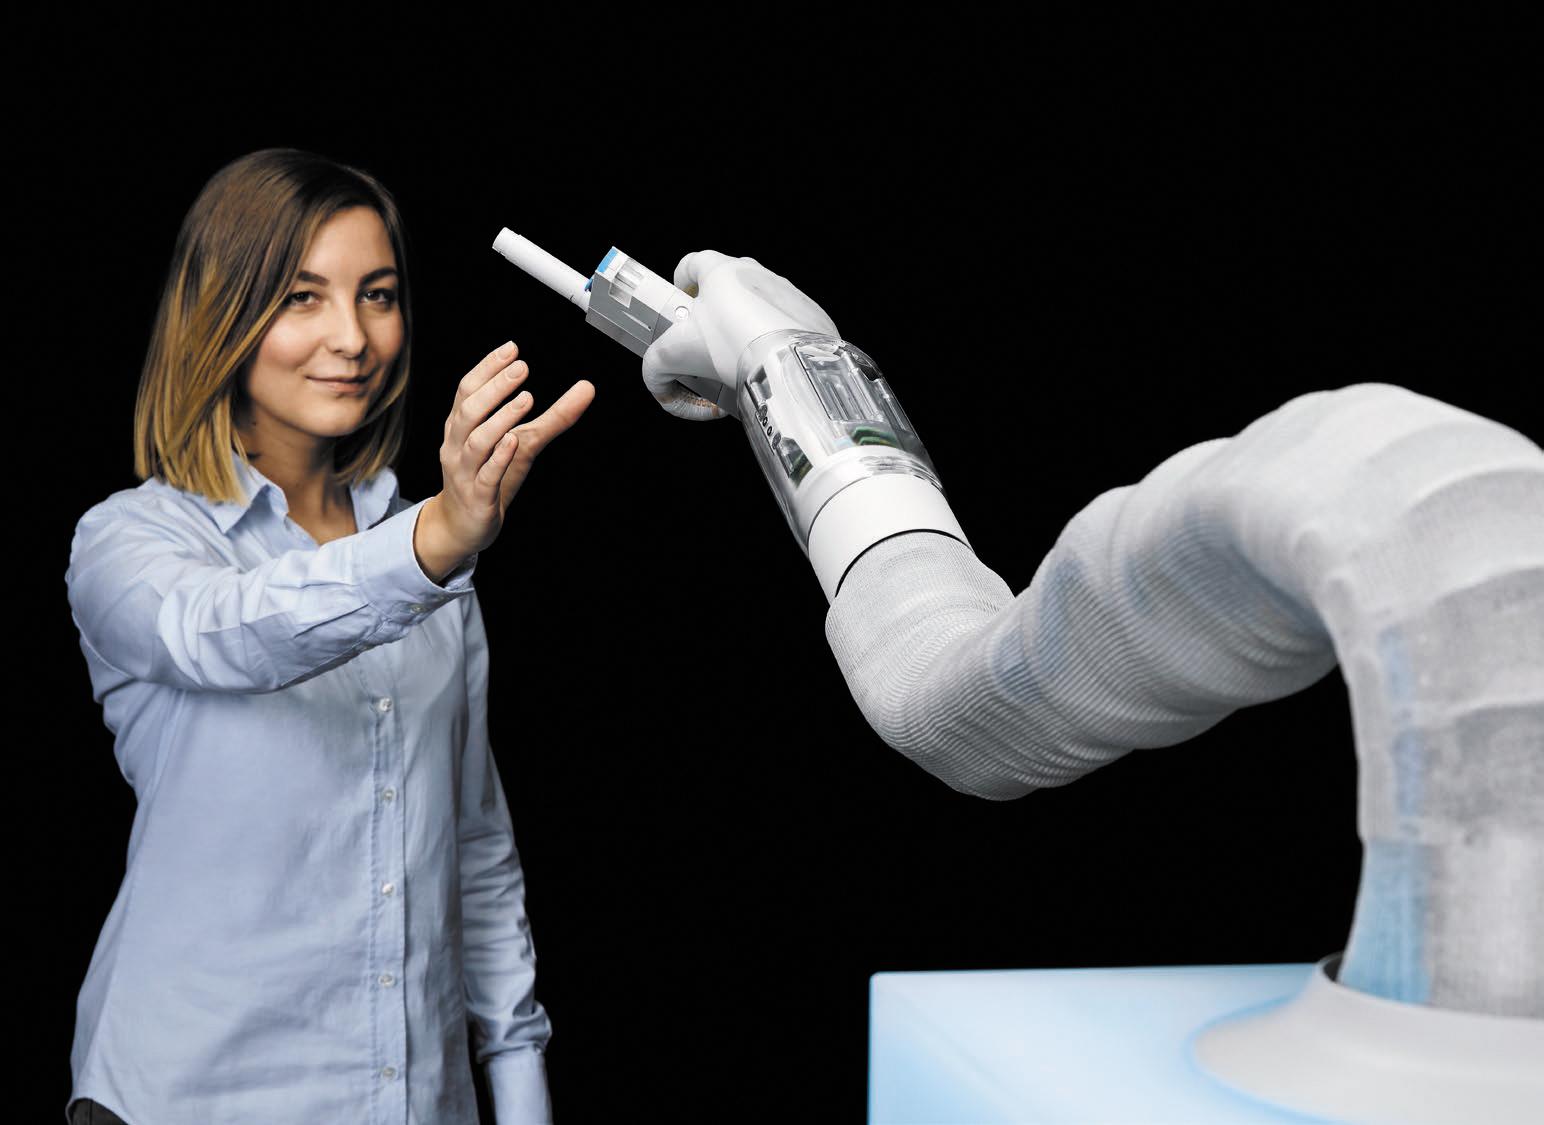 Бионическая мягкая рука BionicSoftHand компании Festo